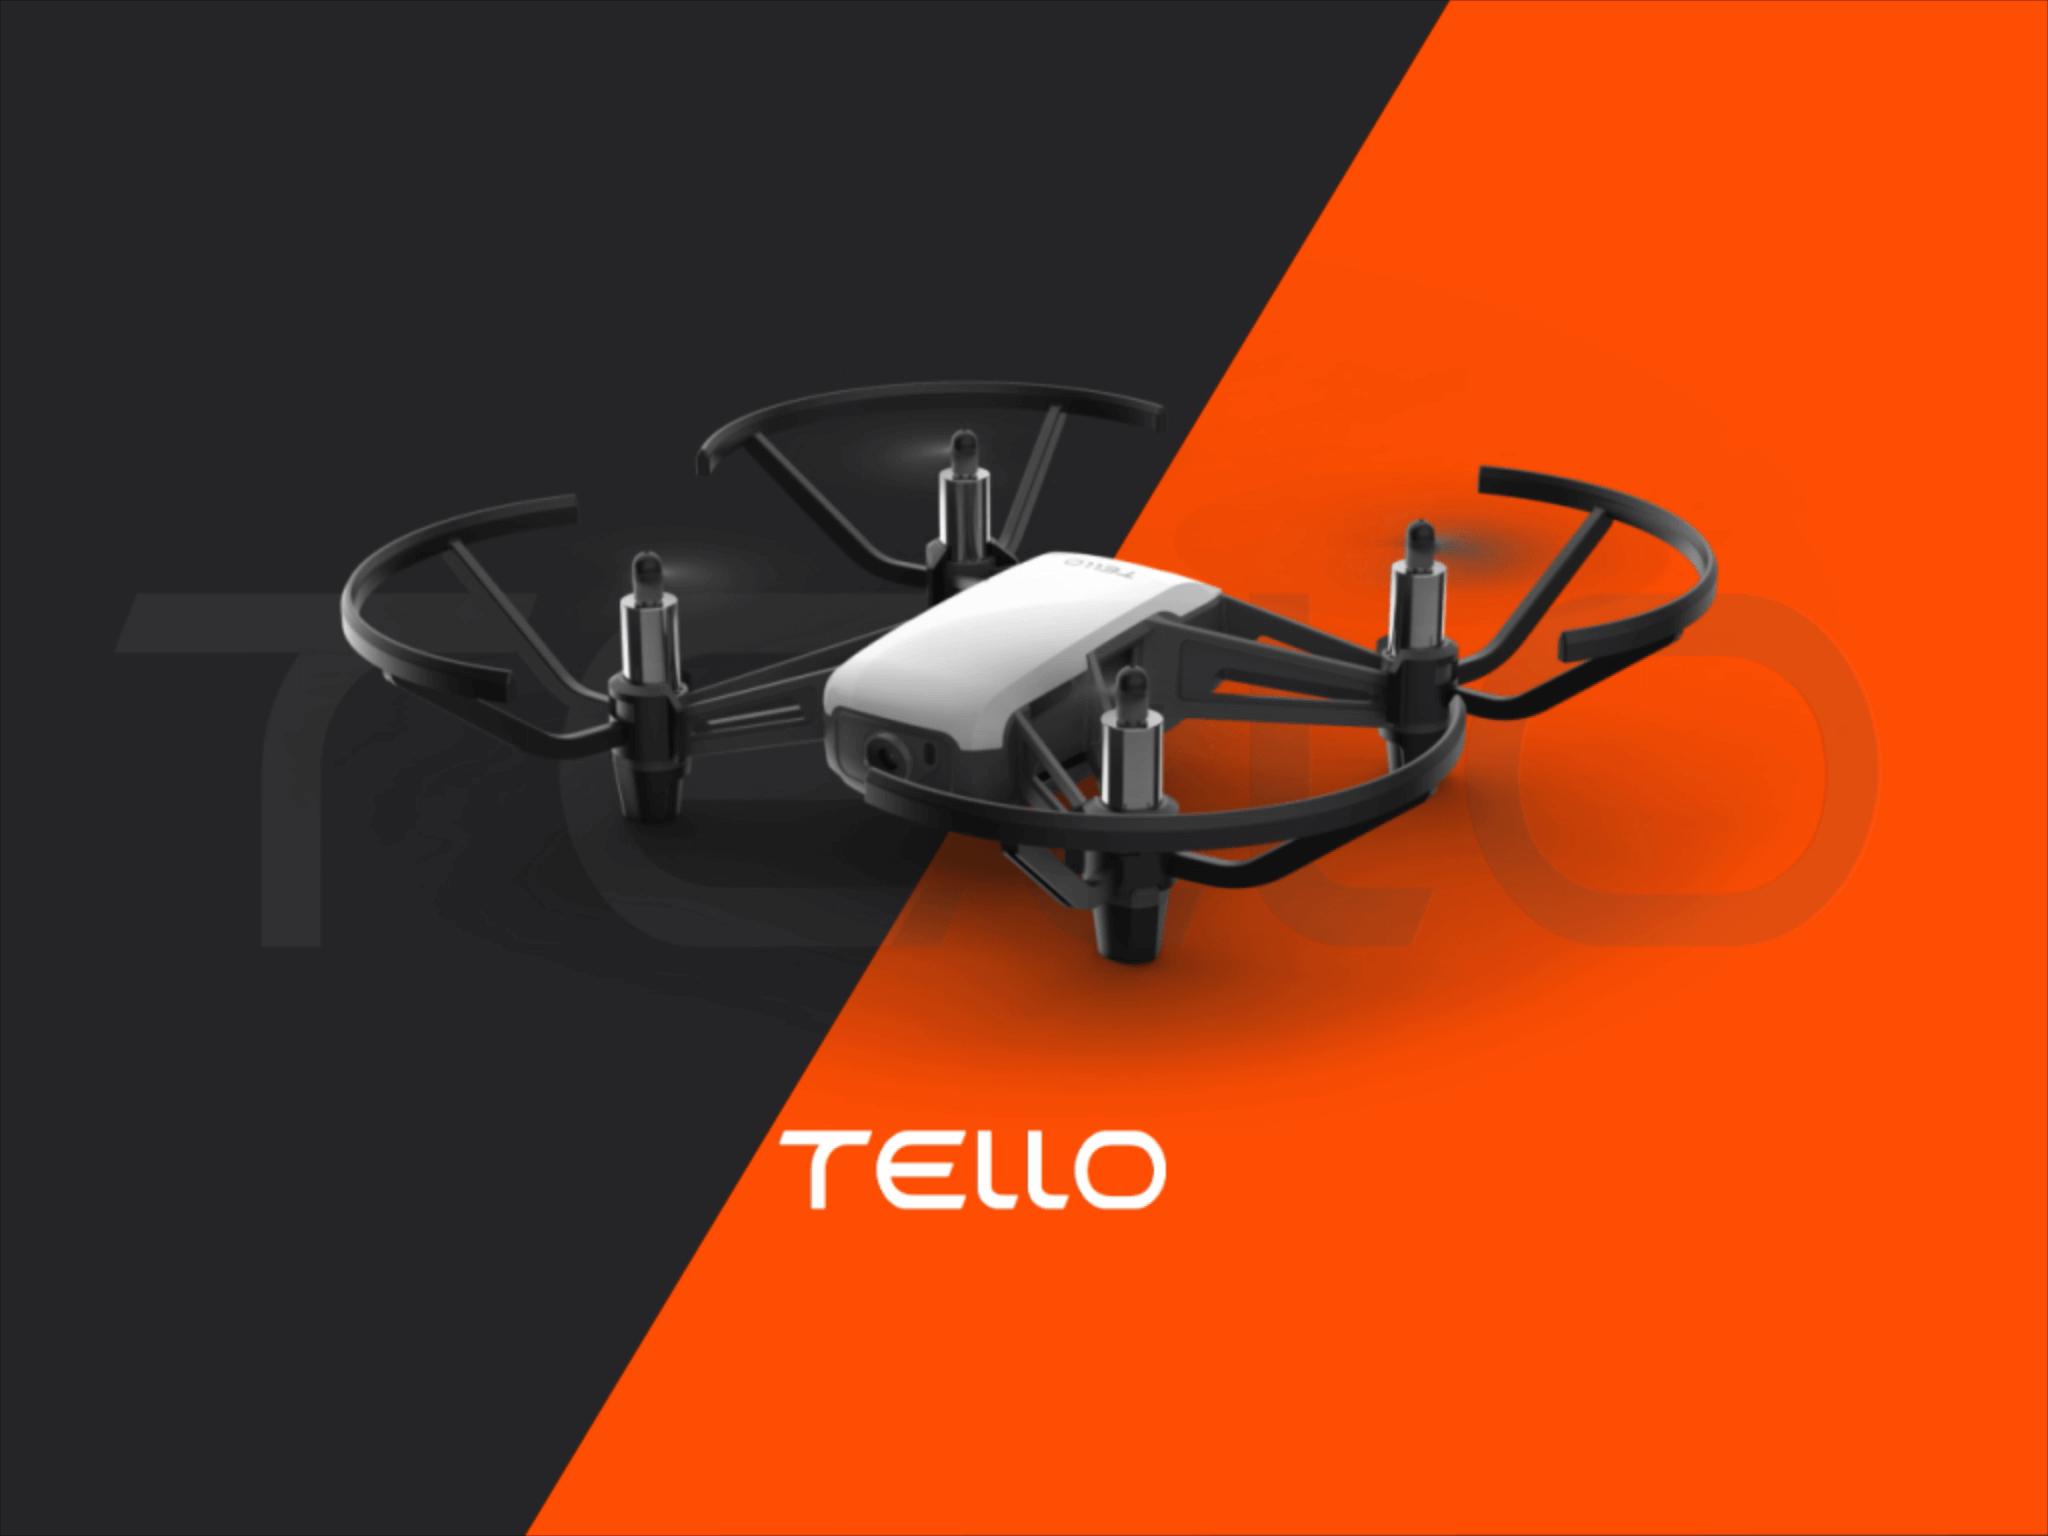 DJI小型トイドローン「Tello」の初期設定を解説!飛ばし方のコツも紹介